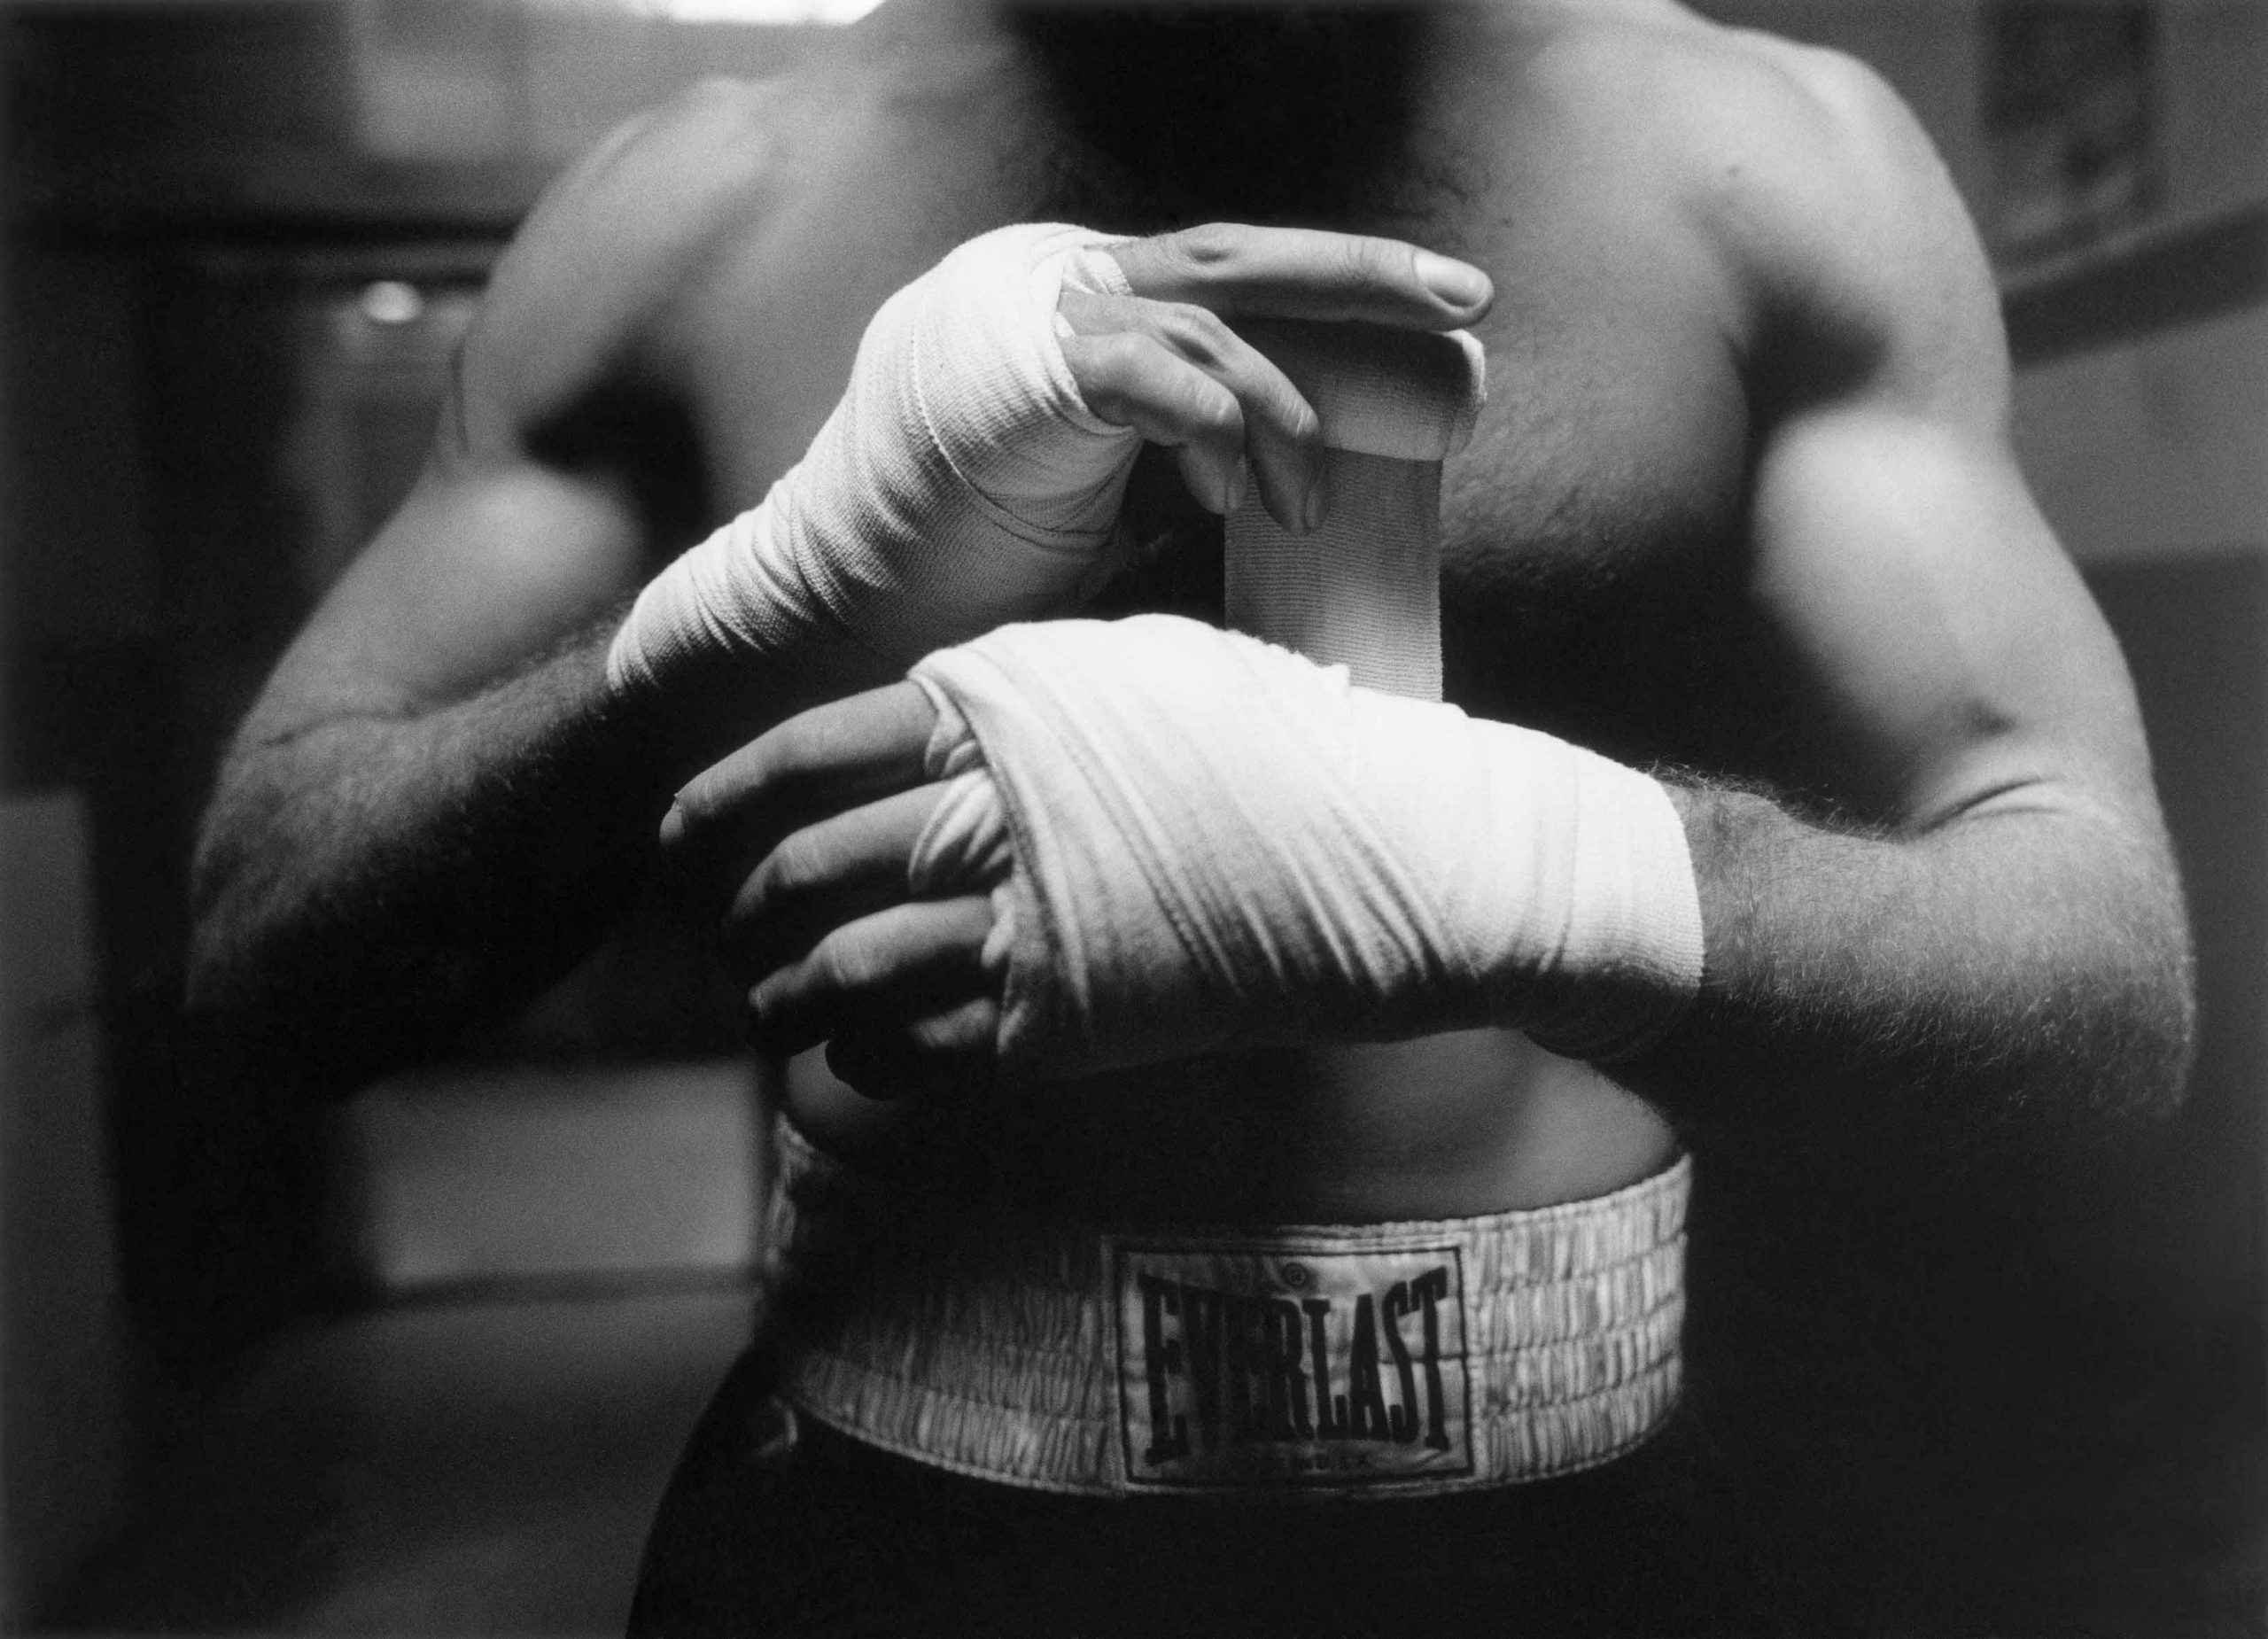 Bandes de boxe